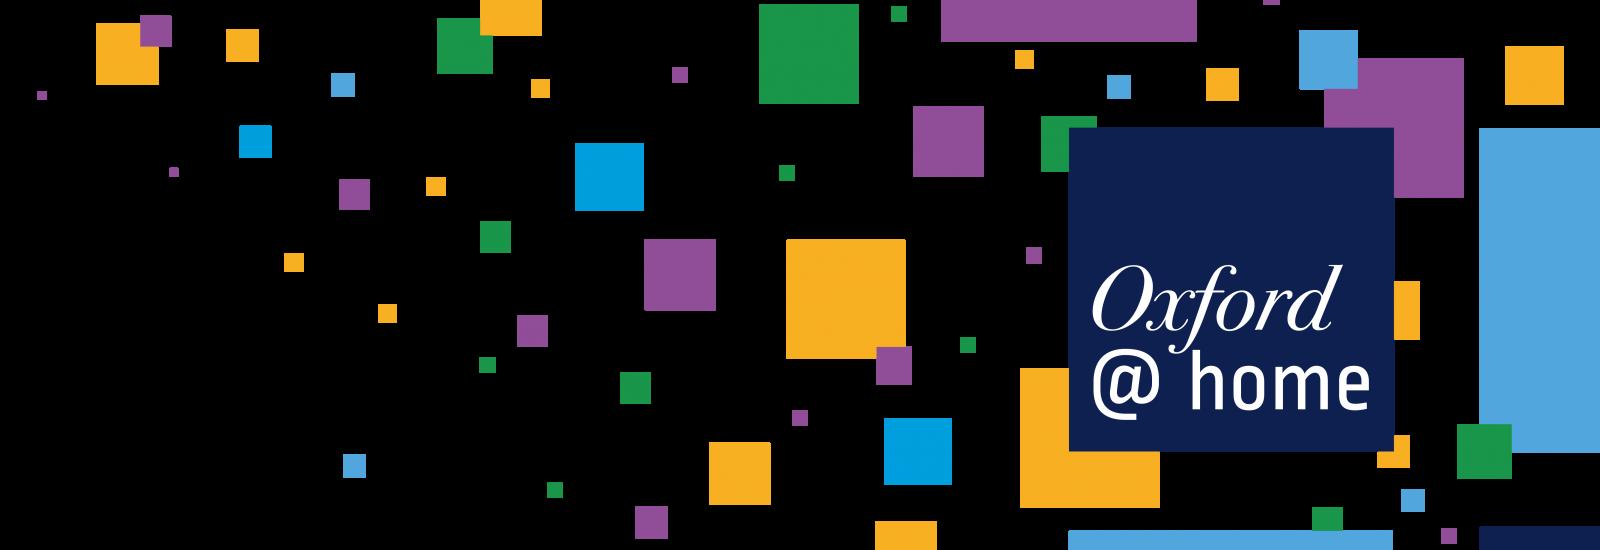 Oxford at home logo